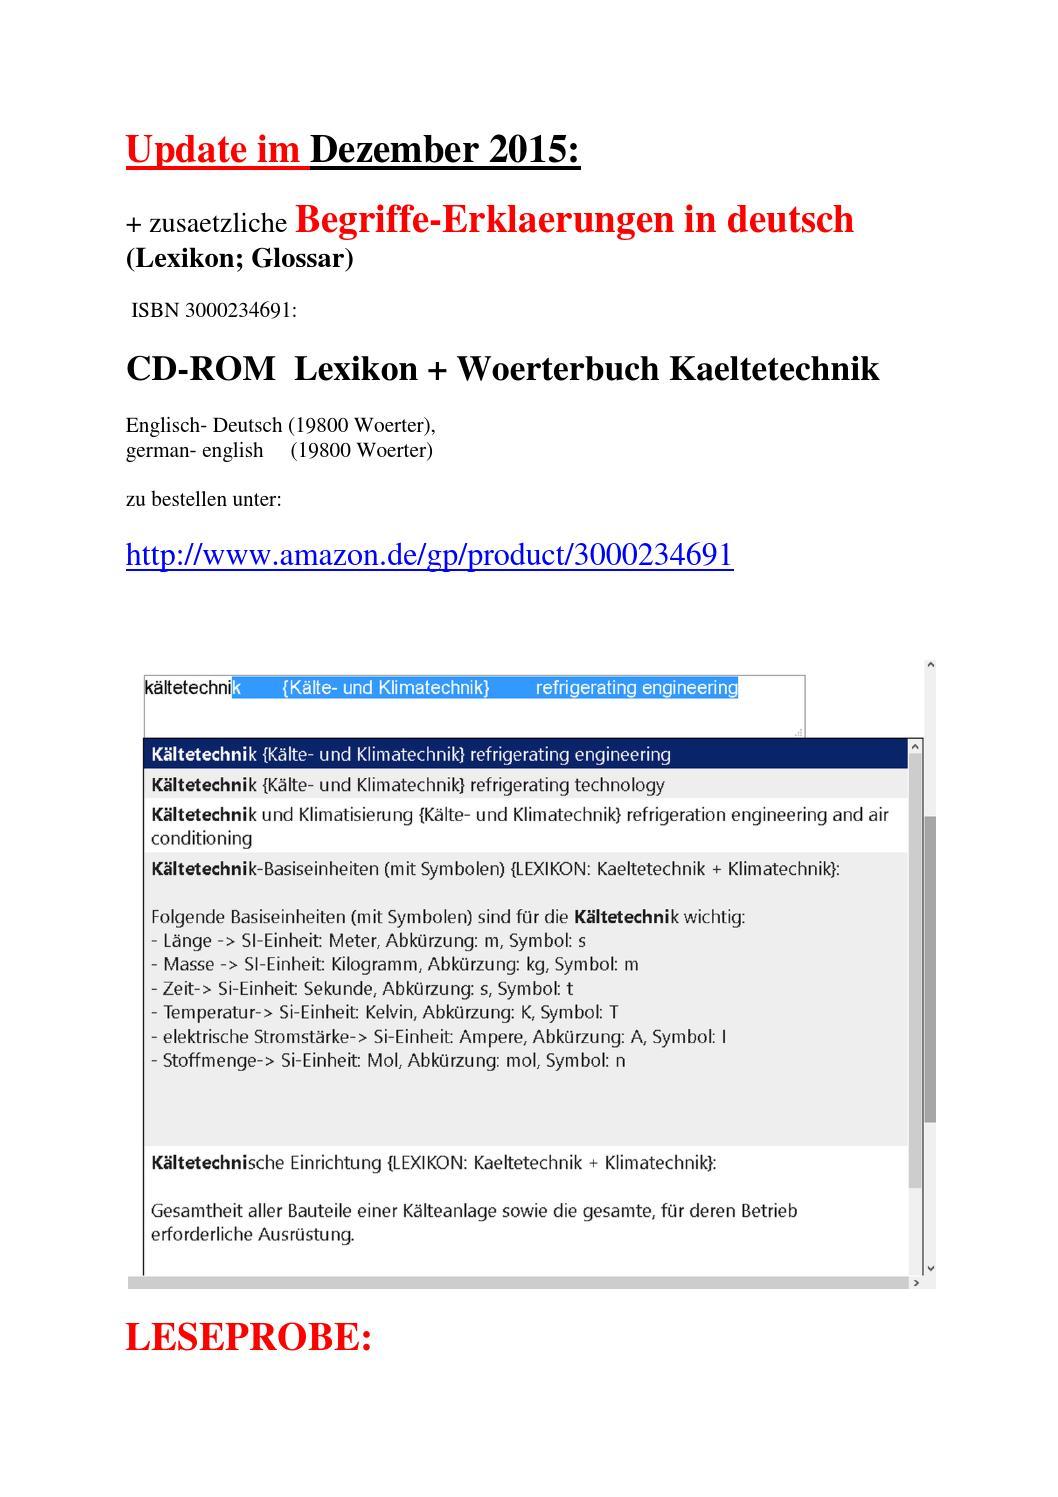 Bettwäsche übersetzung Englisch Easylinux Easylinux 09 2006